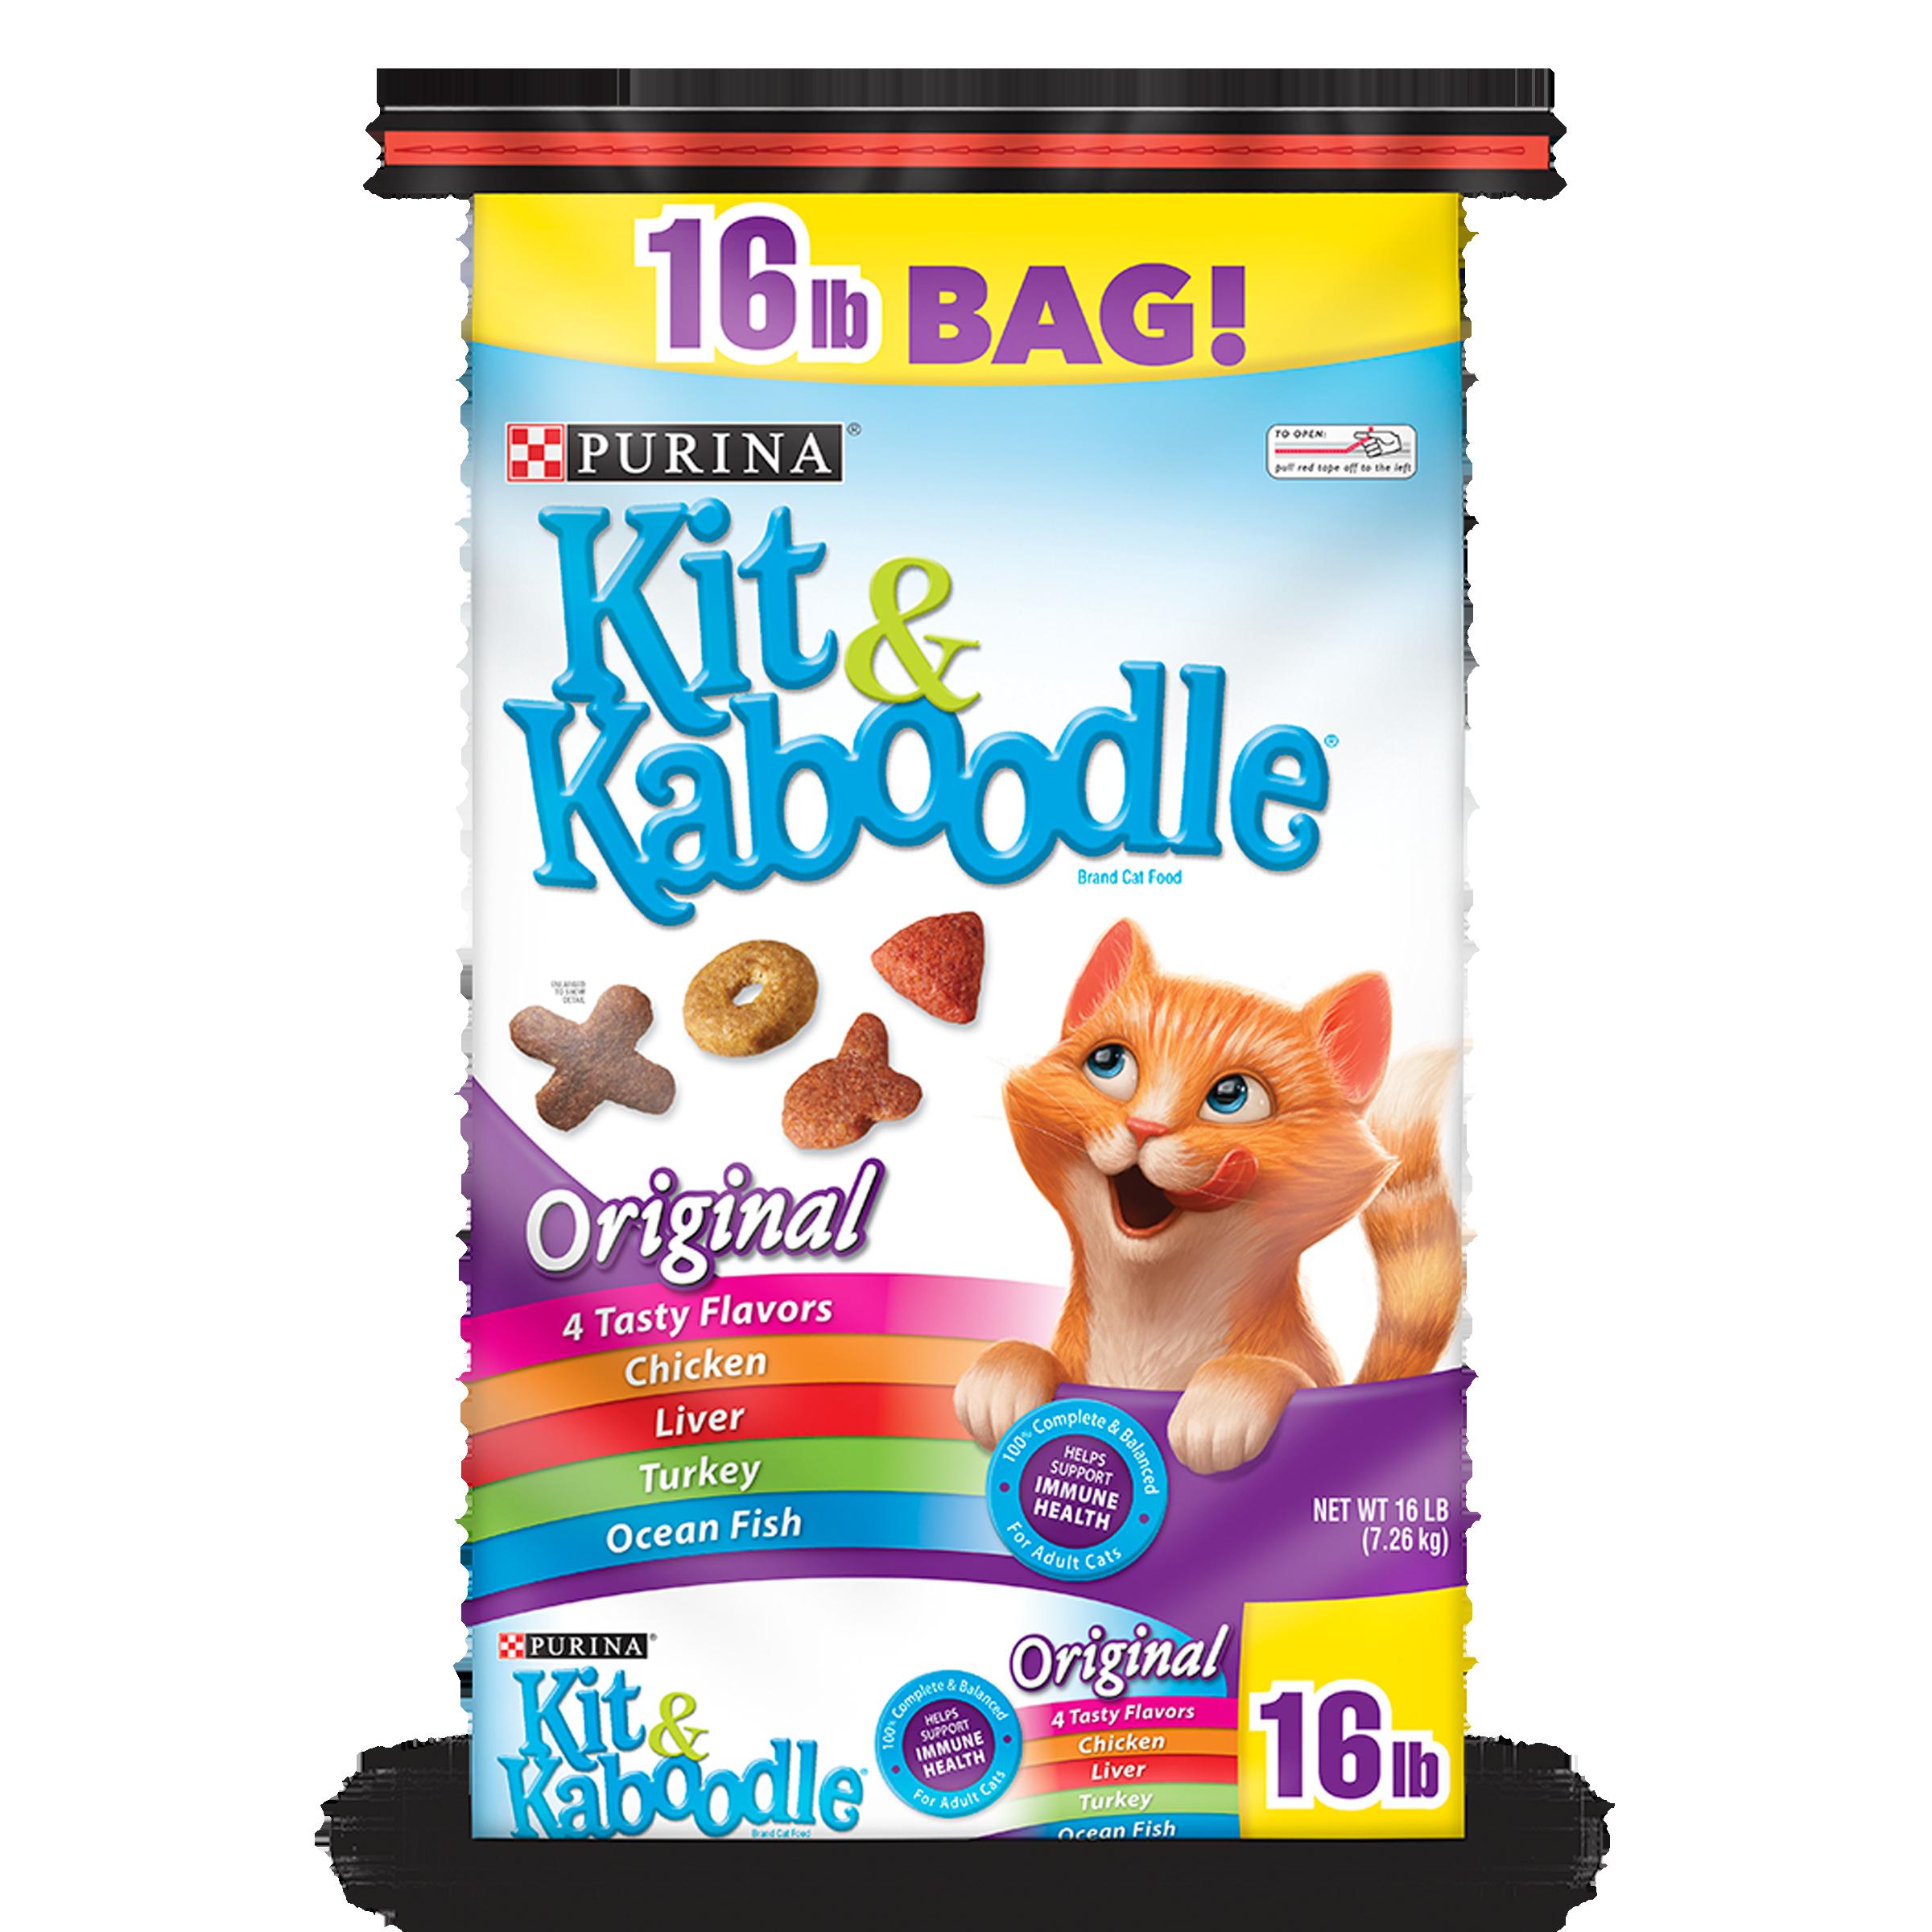 Purina Kit & Kaboodle Original Adult Dry Cat Food - 16 lb. Bag